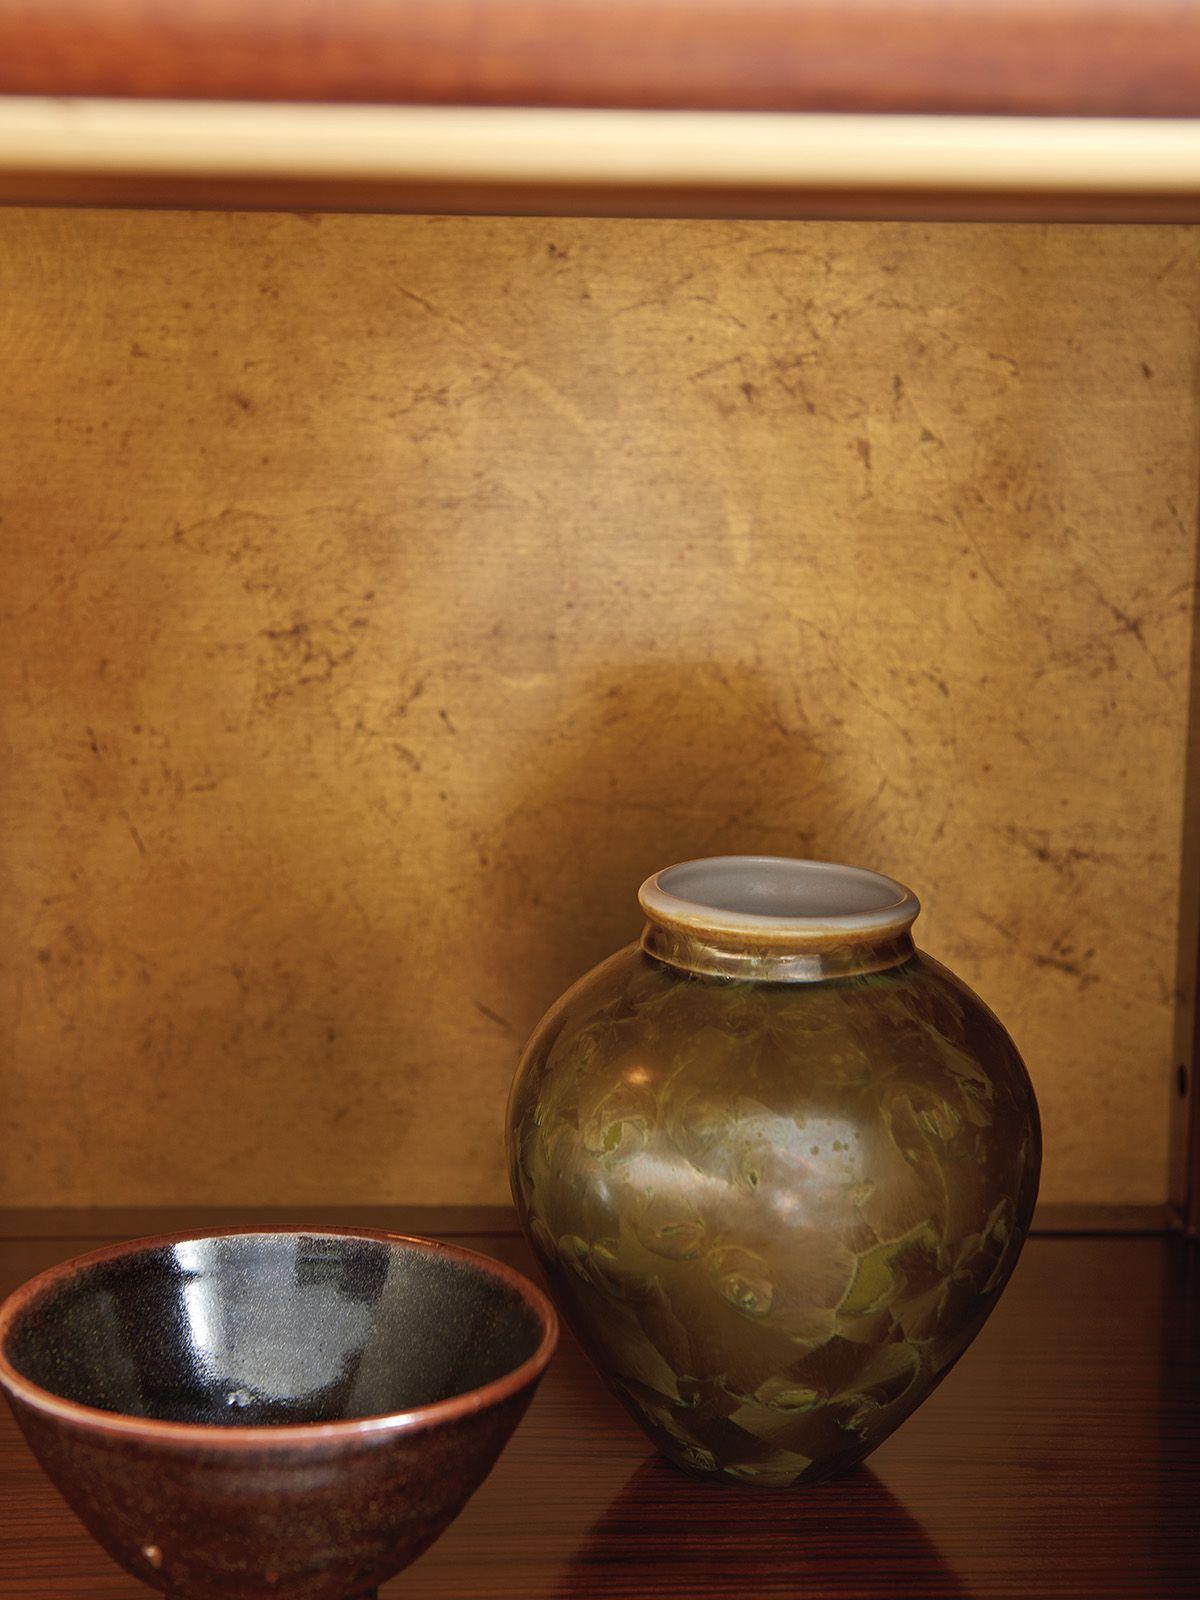 Gold Leaf Nightstand from Lexington Furniture #LHBDesign #GoldLeaf